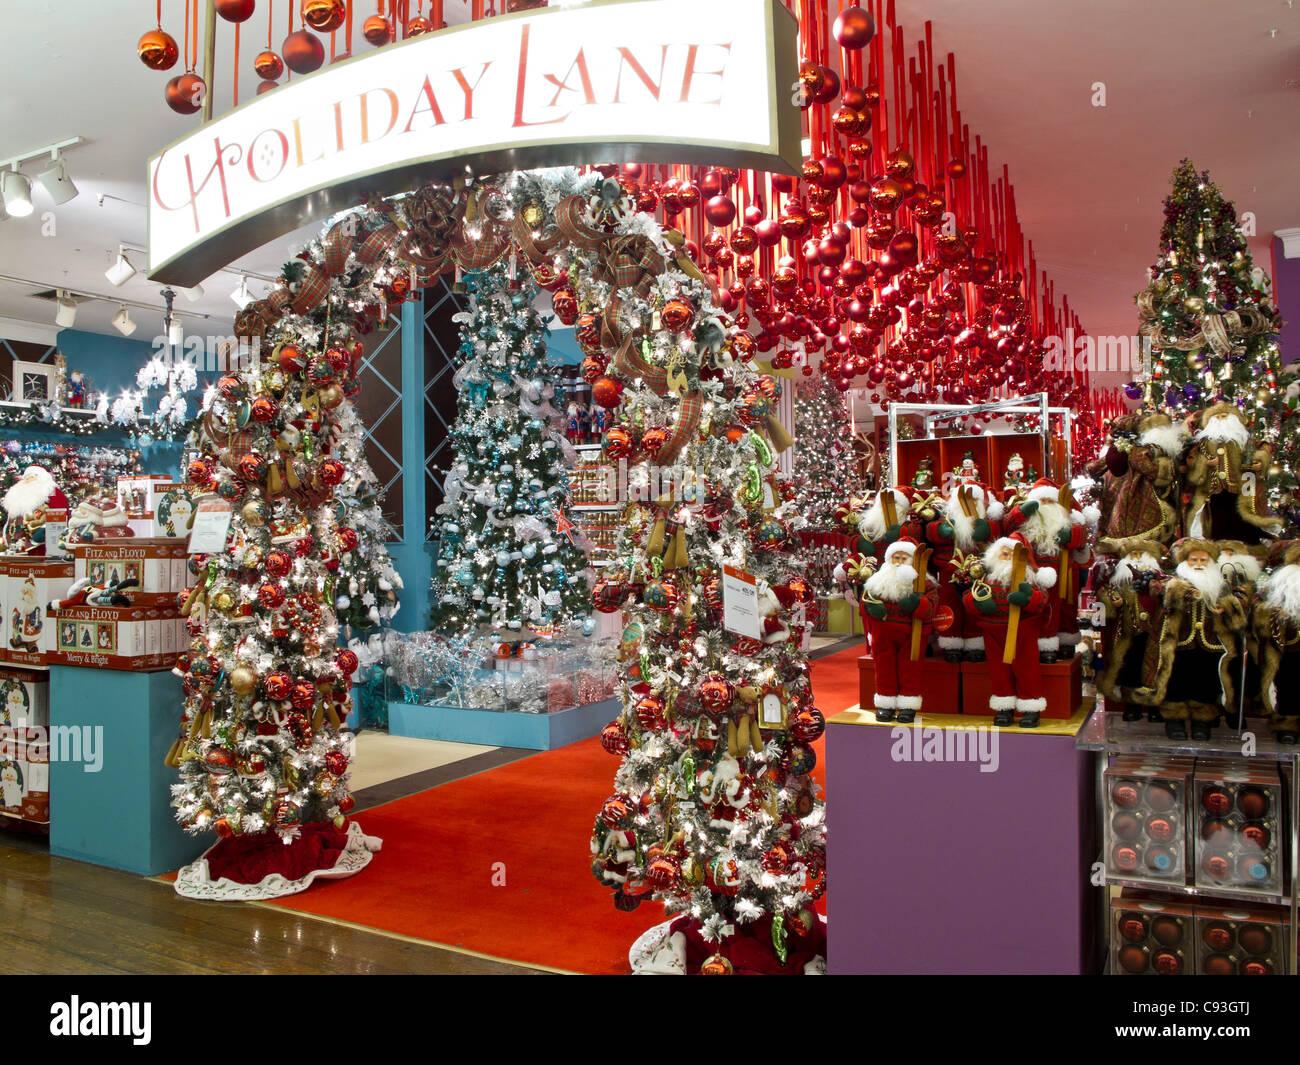 Macys Kaufhaus, Weihnachten zeigt, NYC Stockfoto, Bild: 40031730 - Alamy